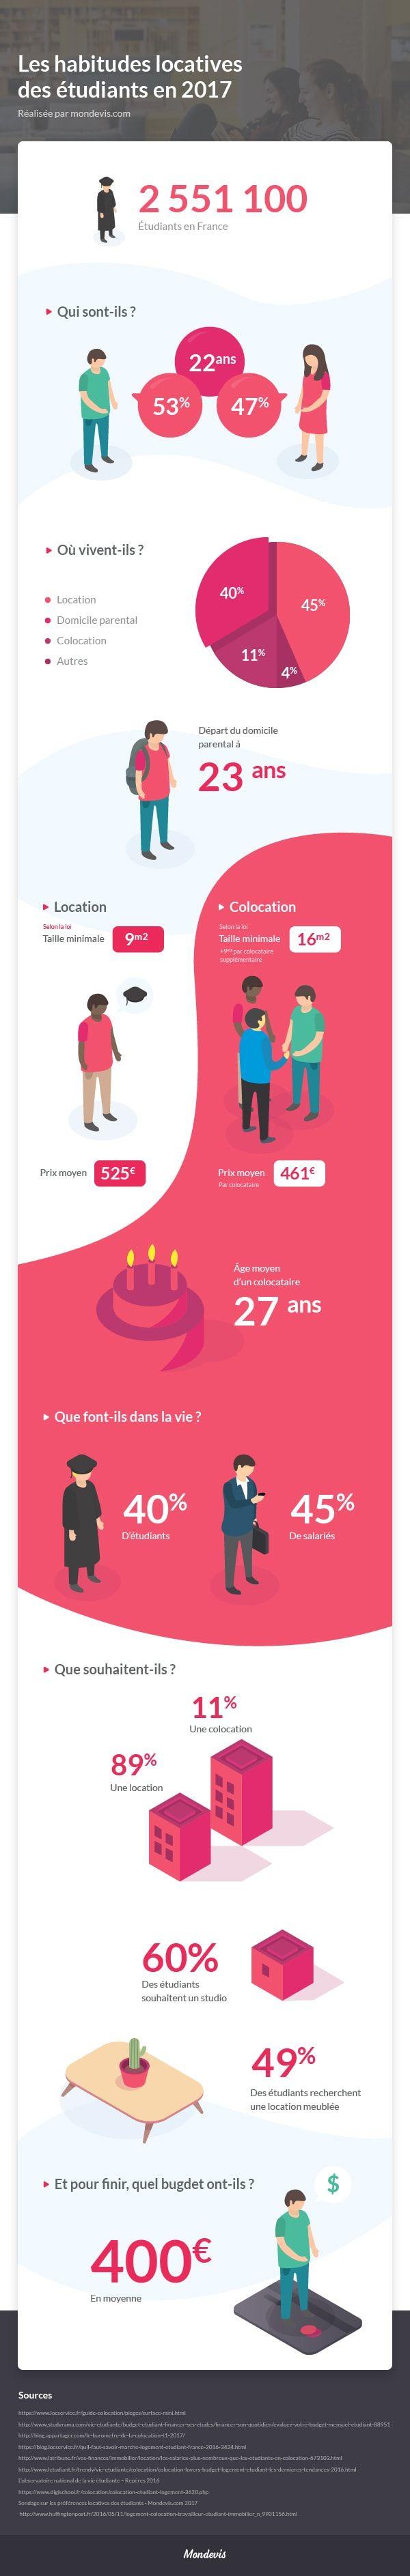 infographie-logement-etudiant-2017